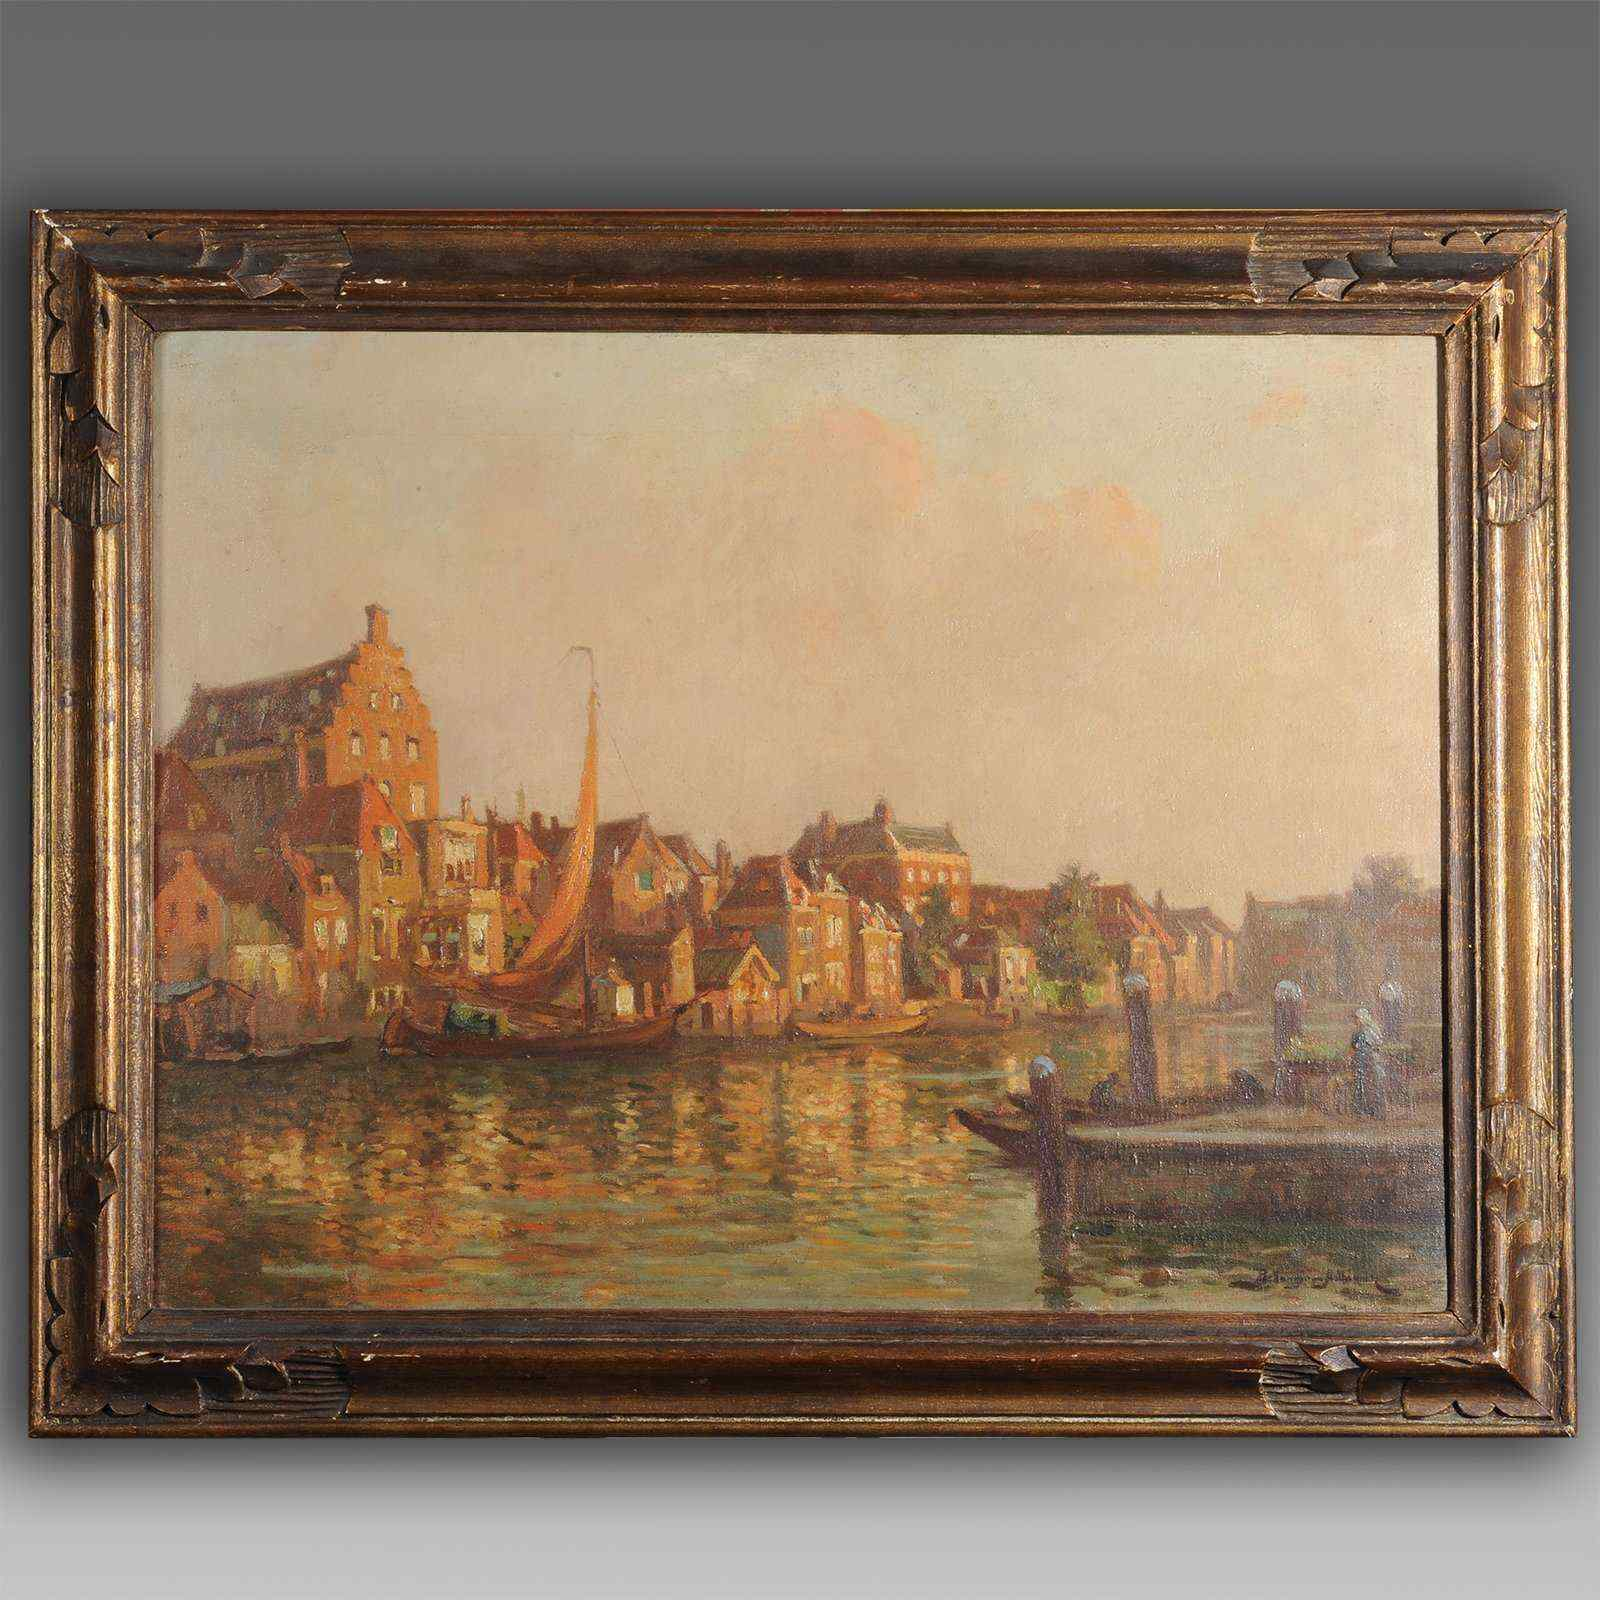 Paul Bellanger-Adhémar (1868-1948), Bassin à Dordrecht